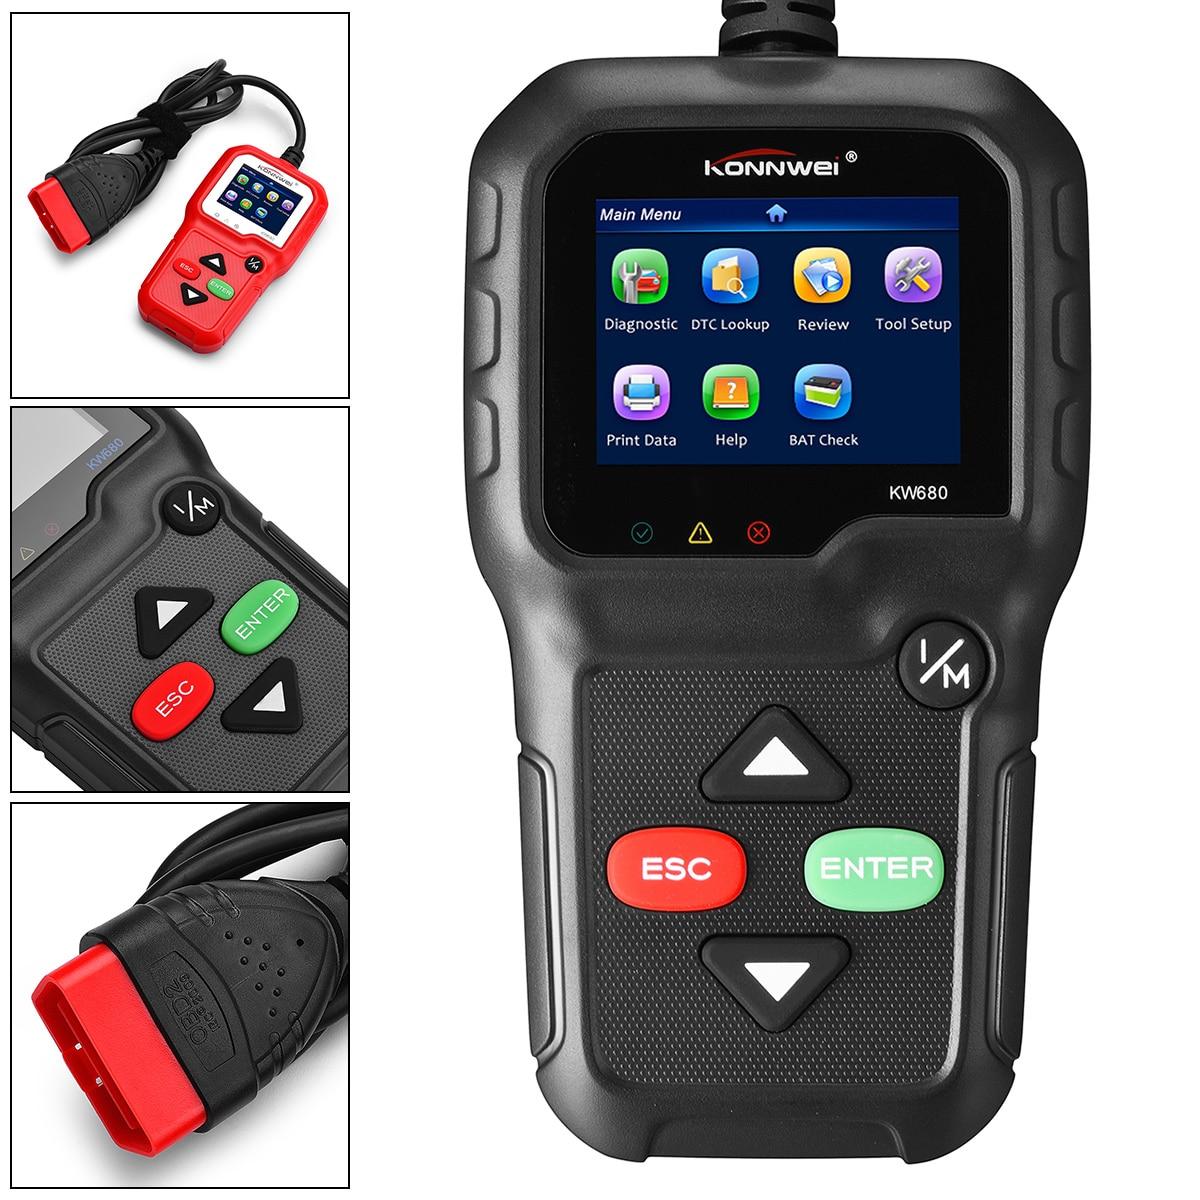 KONNWEI KW680 OBD 2 OBDII EOBD Автомобильный сканер полный диагностический инструмент Диагностический Сканер Поддержка восьми языков